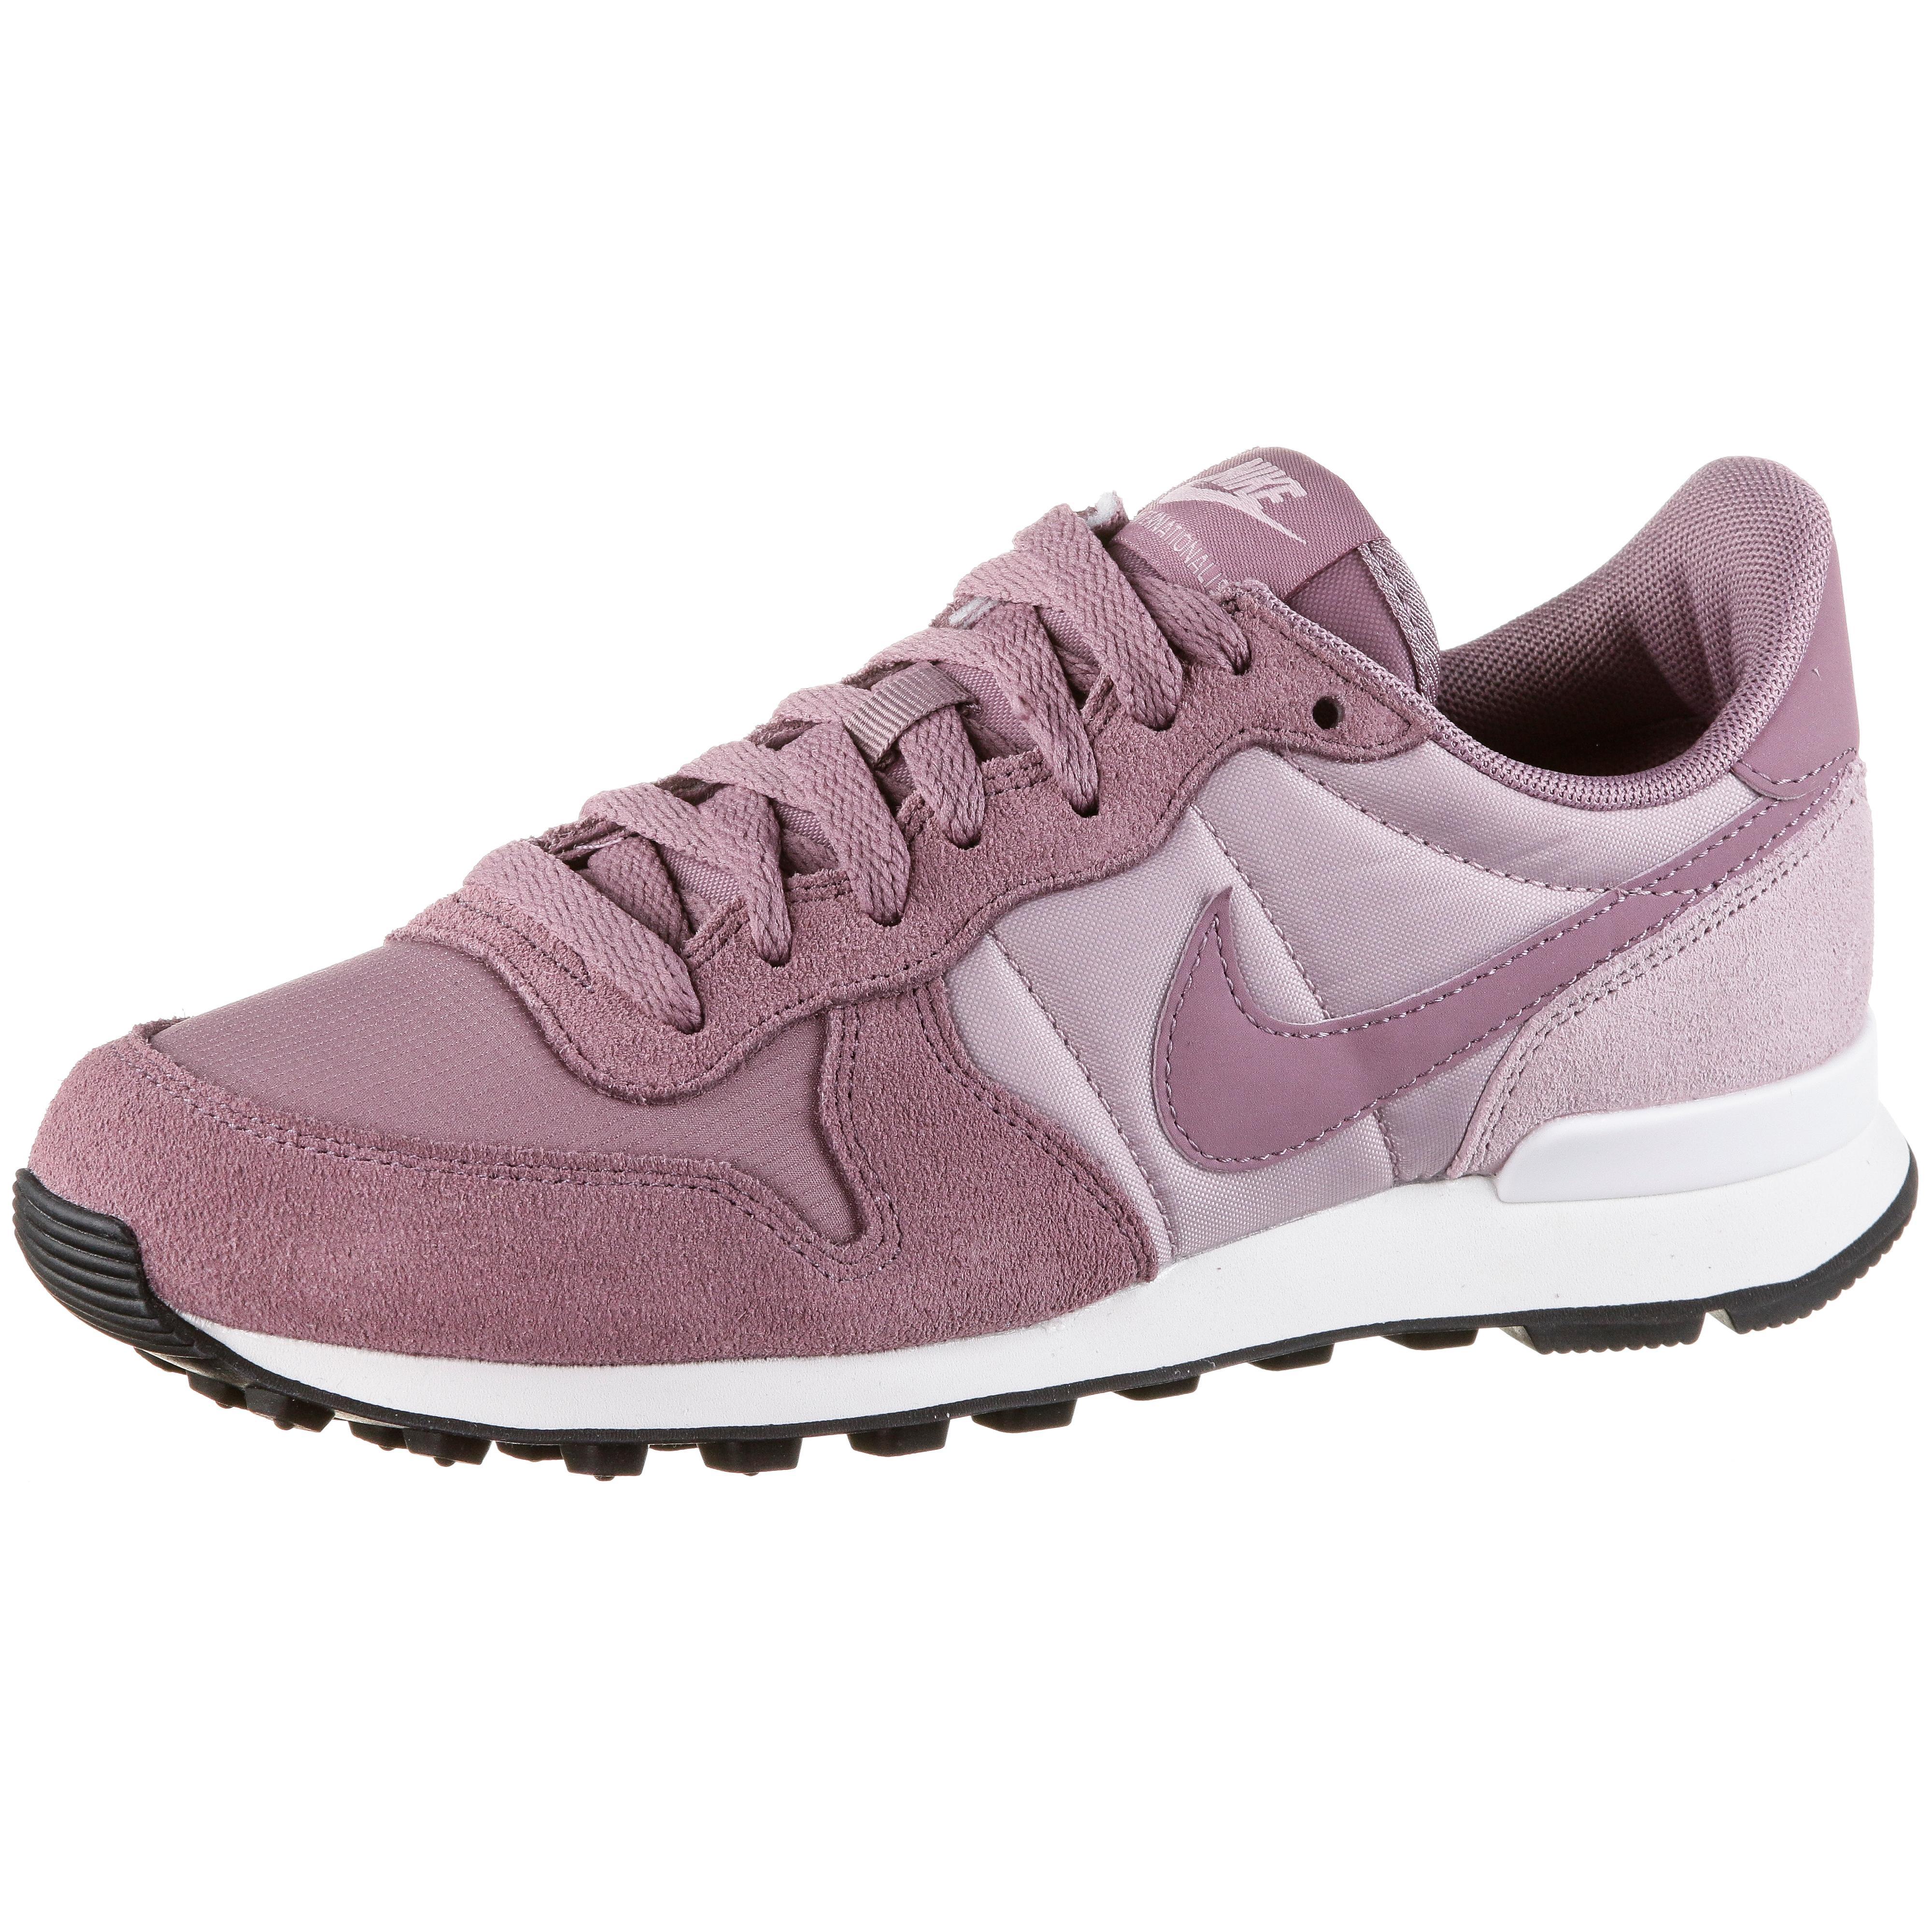 Nike Internationalist Sneaker Damen plum dust plum dust plum chalk im Online Shop von SportScheck kaufen